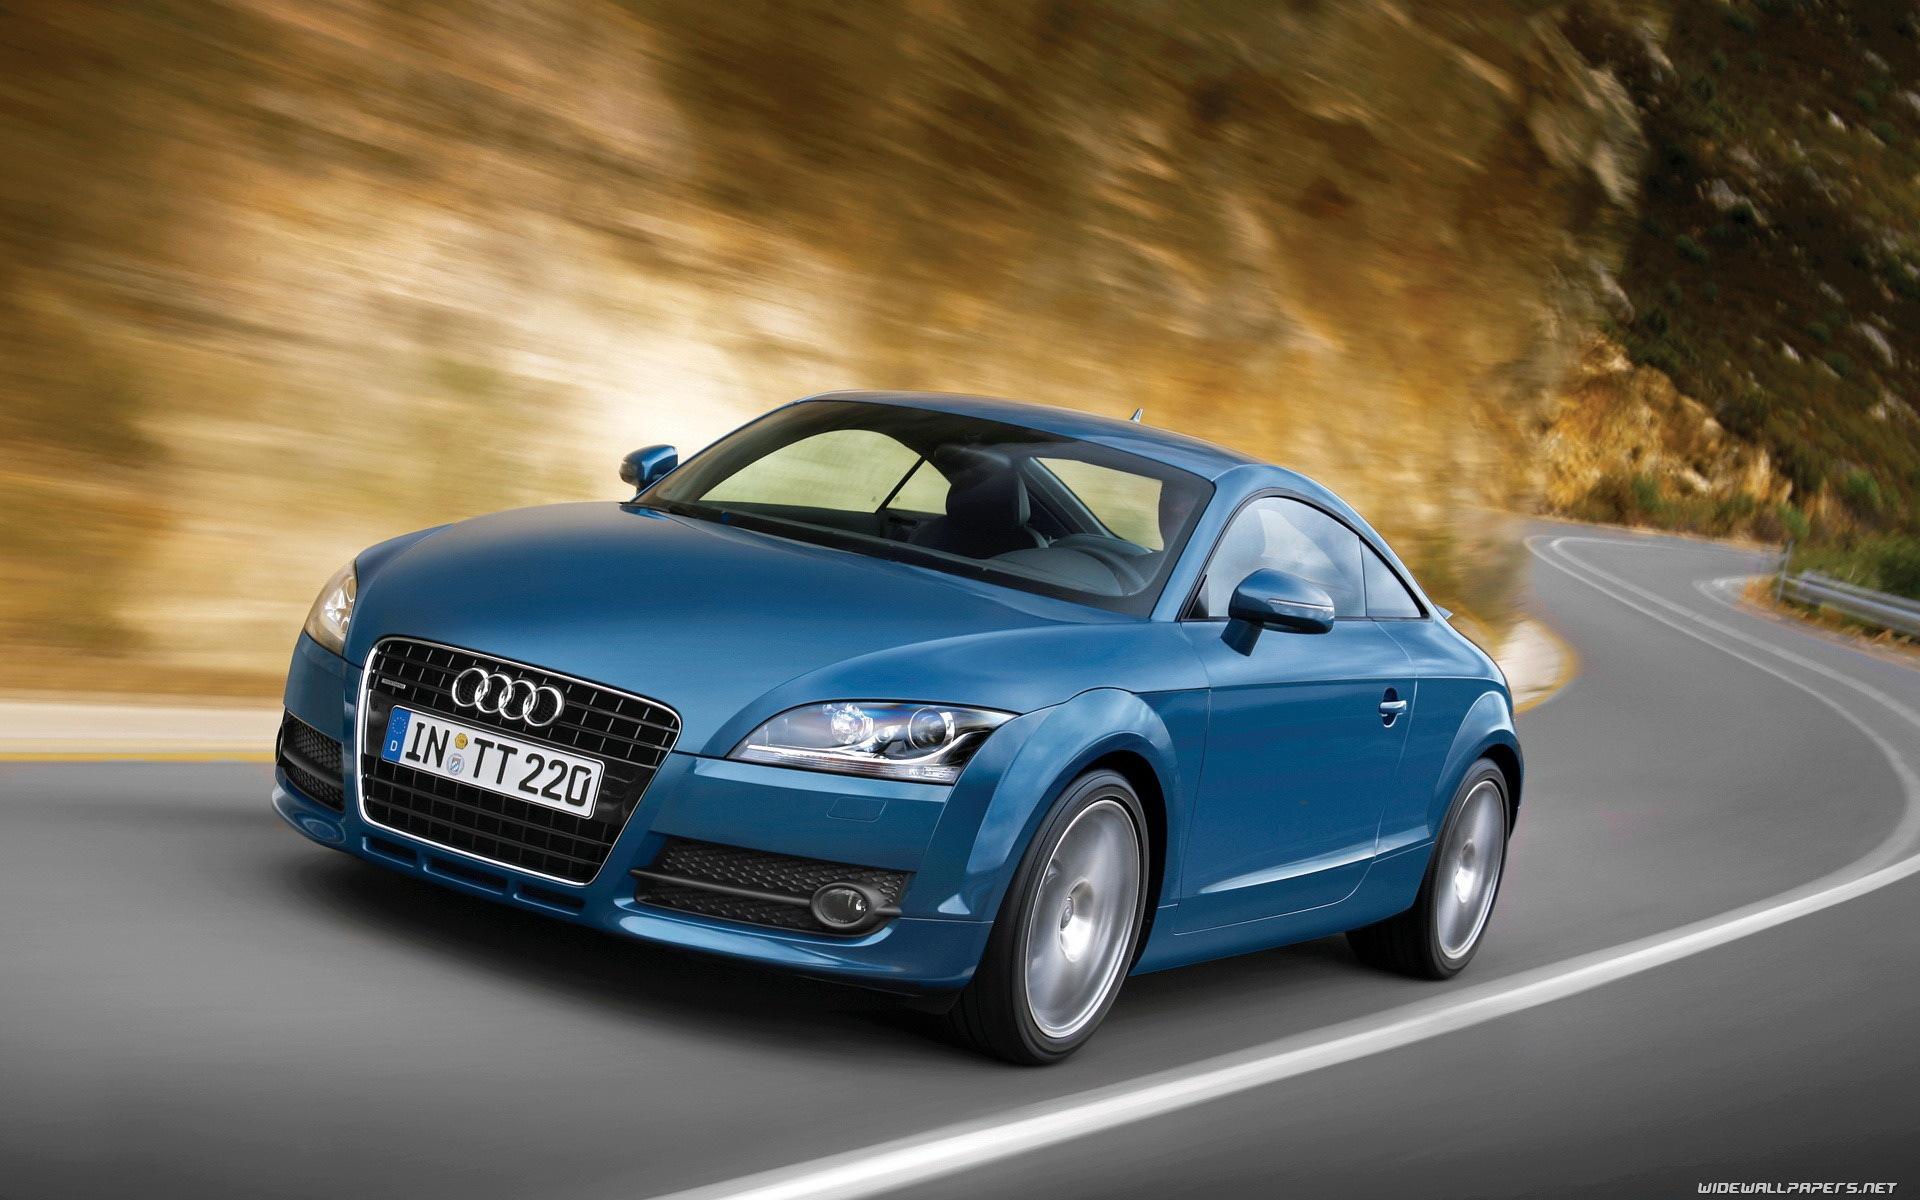 27224 скачать обои Транспорт, Машины, Ауди (Audi) - заставки и картинки бесплатно